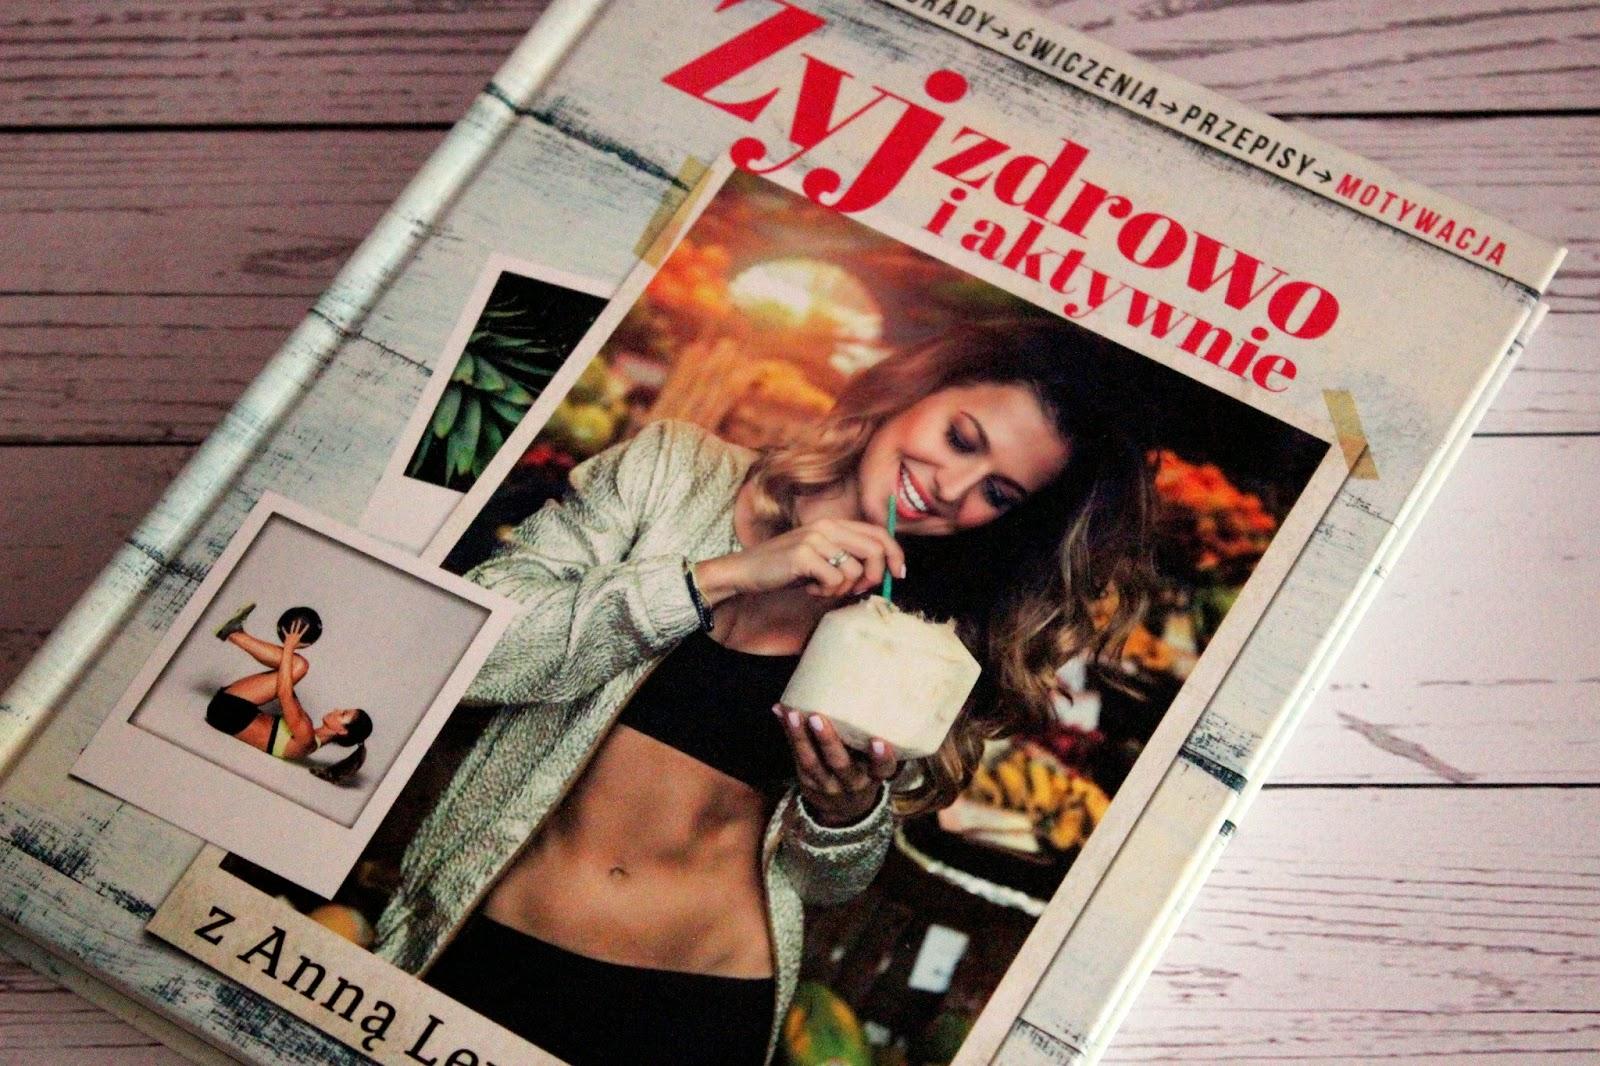 Żyj zdrowo i aktywnie z Anną Lewandowską - recenzja książki